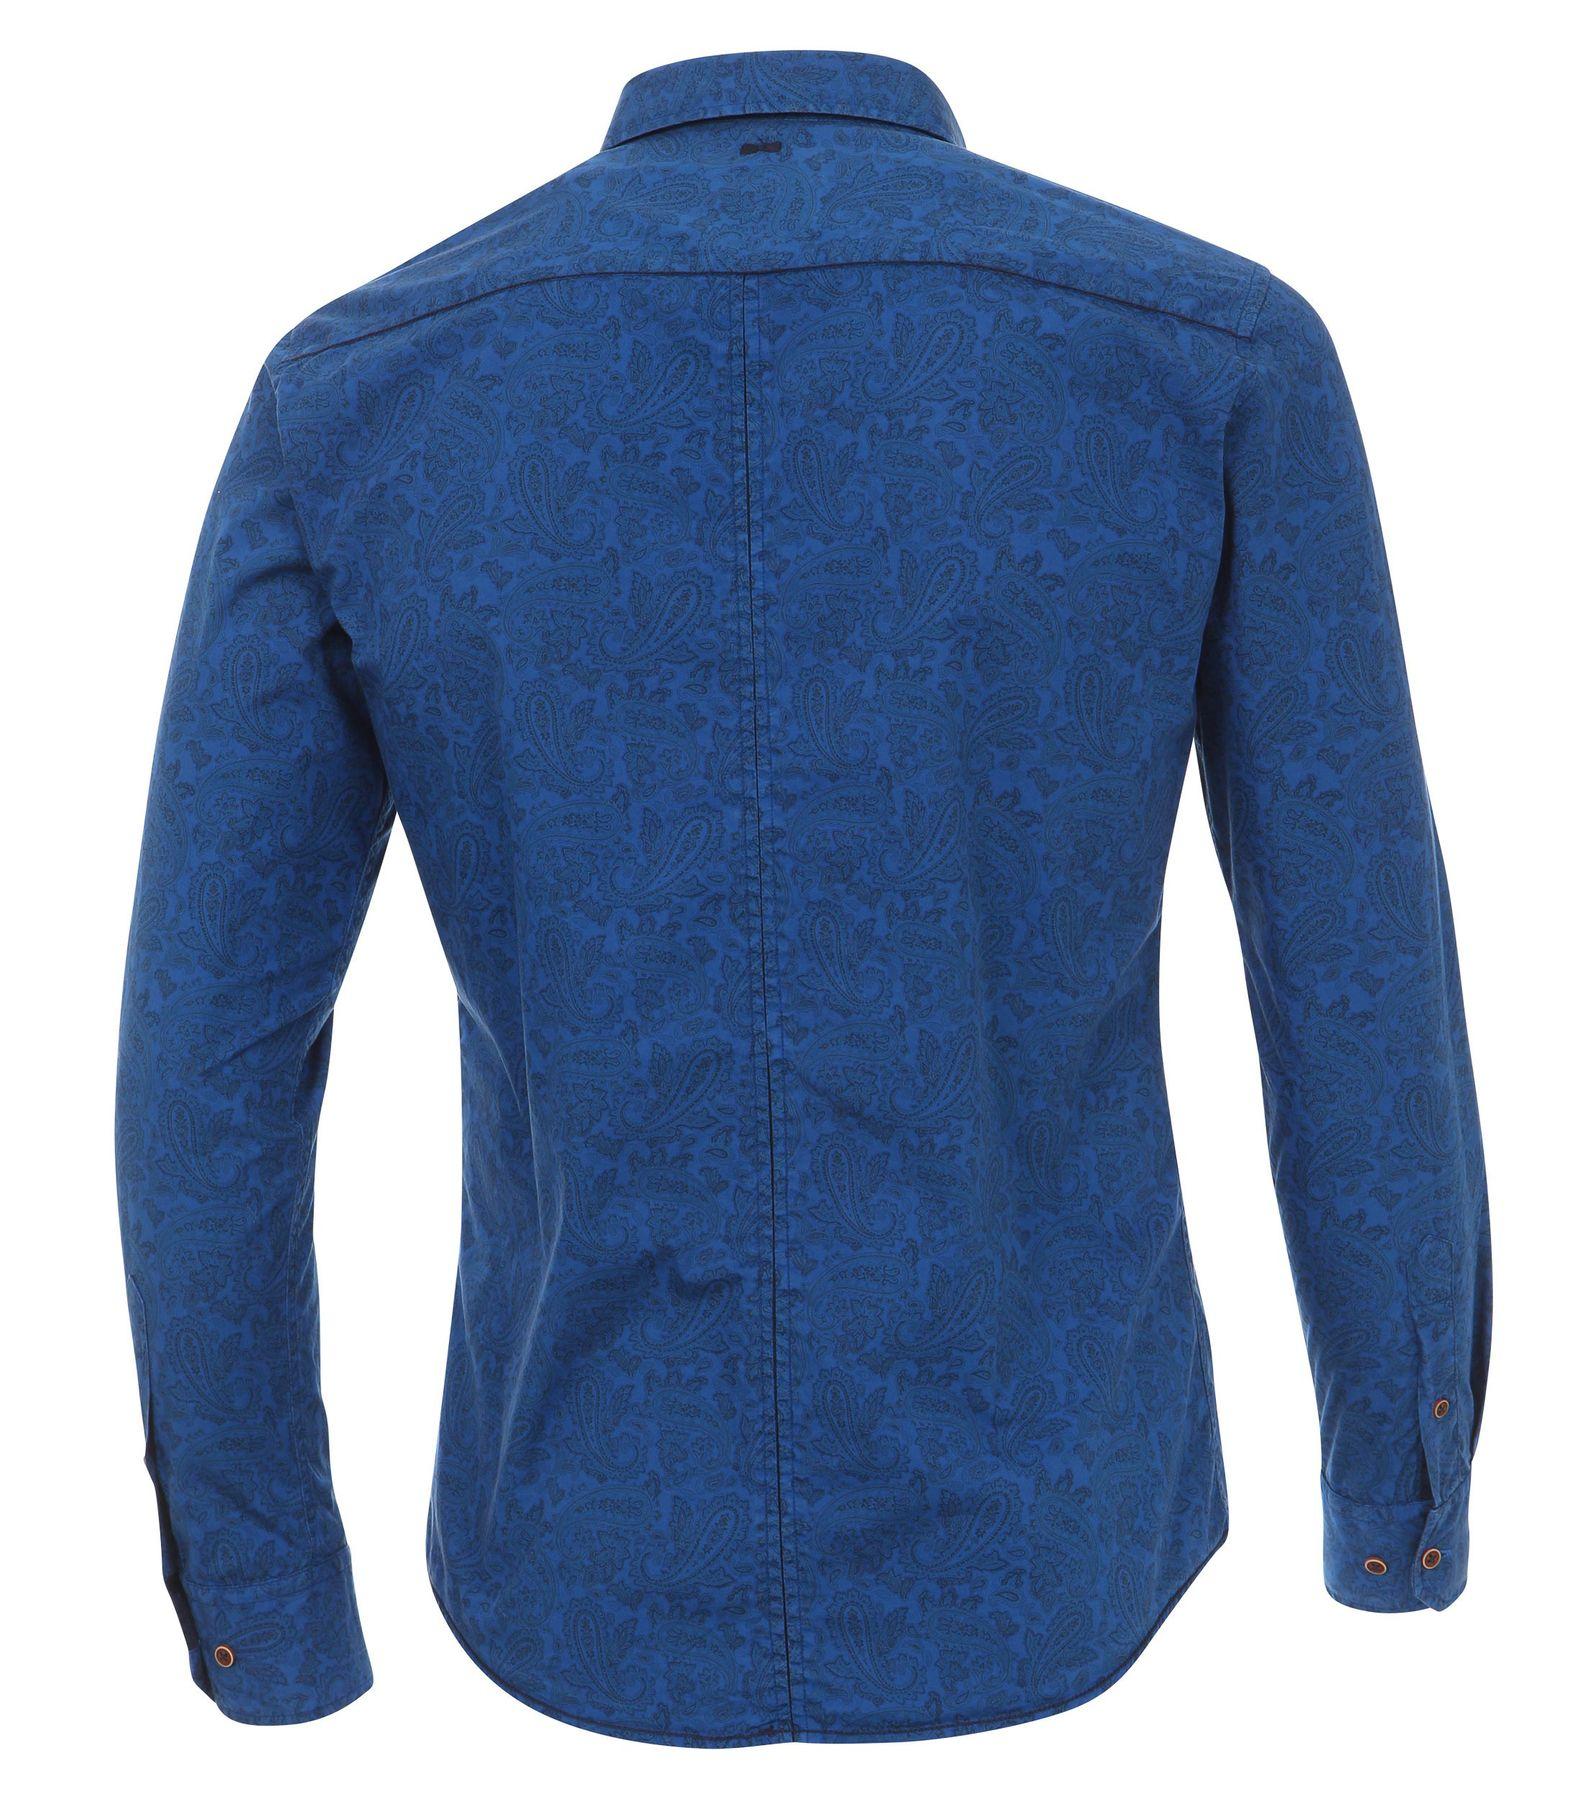 Venti - Slim Fit - Herren Langarm Hemd aus 100% Baumwolle mit Kent Kragen und modischem Druck (162538600 A) – Bild 2